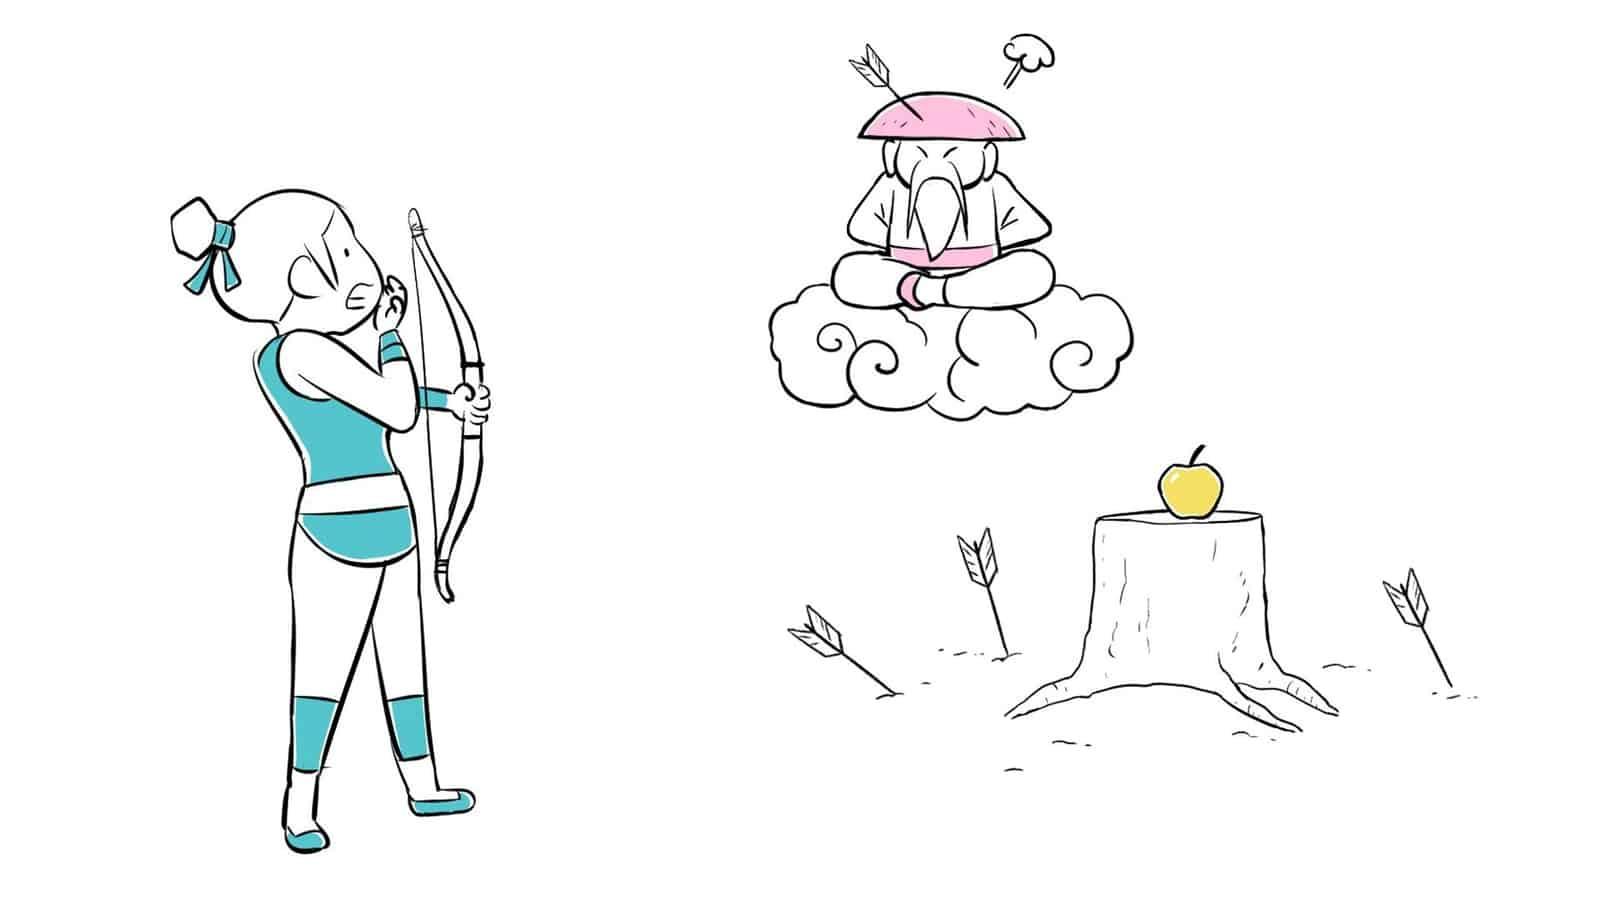 Mémoire, oubli et apprentissage - Illustration d'une apprentie combattante se préparanà tirer à l'arc. Son mentor la regarde.